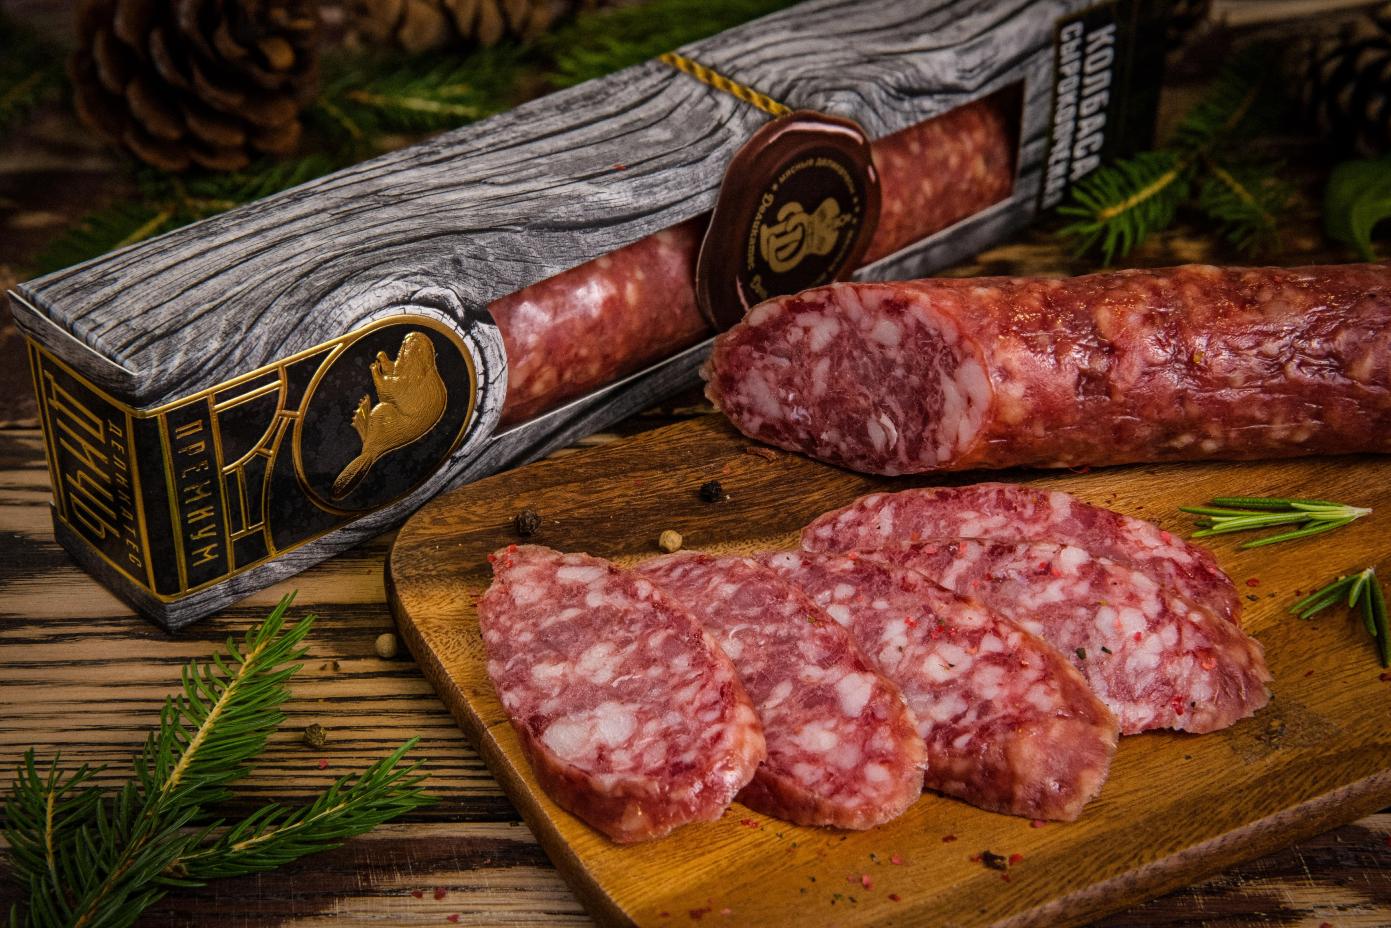 Колбаса из мяса Бобра в подарочной упаковке